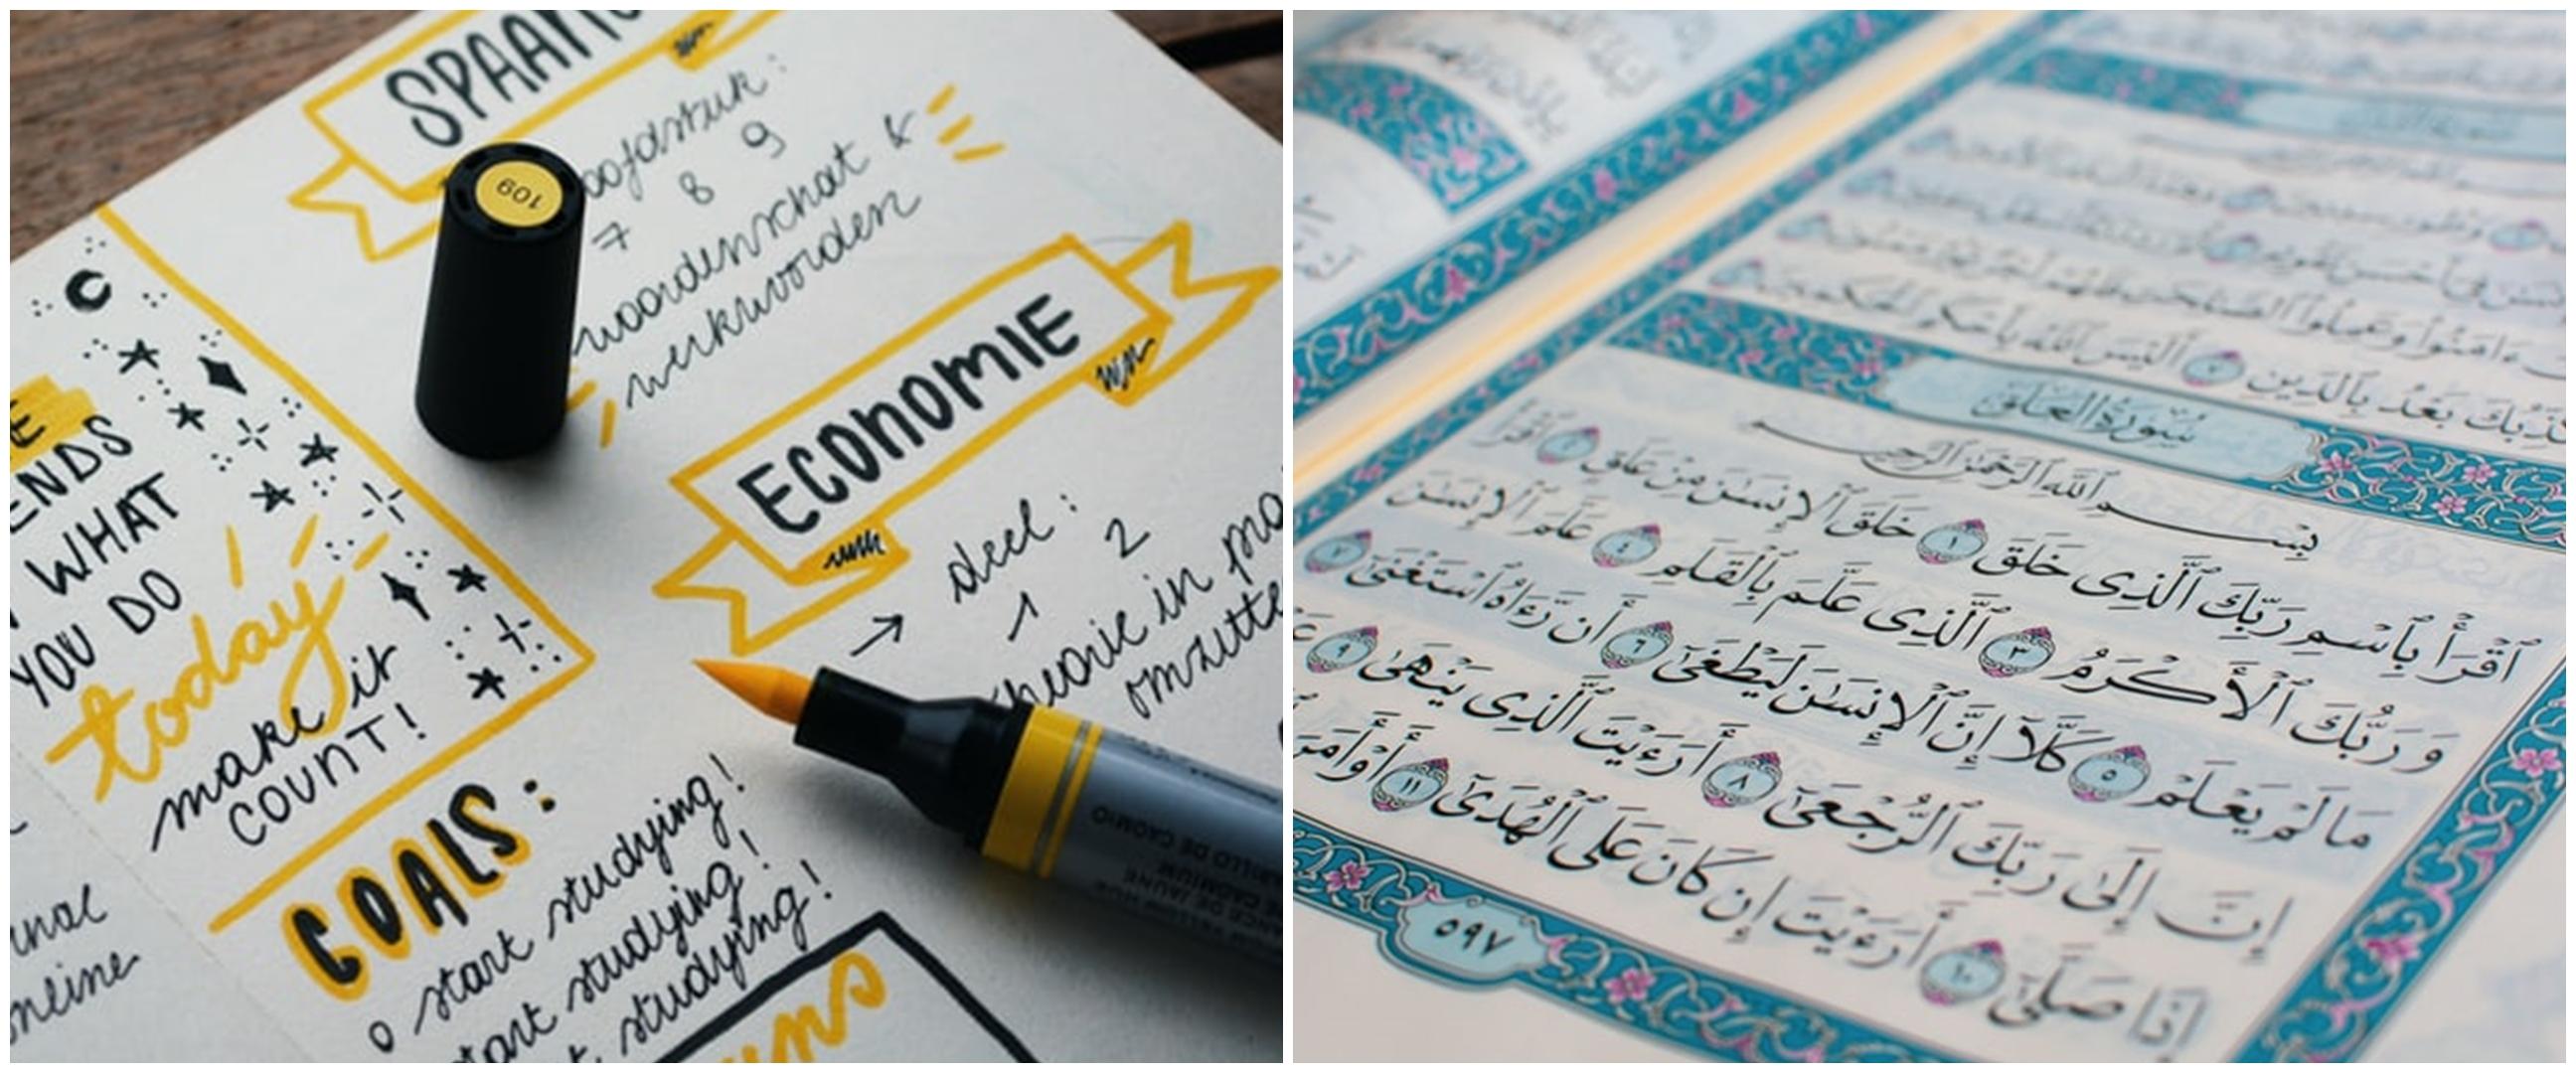 Pengertian manajemen pendidikan Islam, fungsi dan juga cirinya